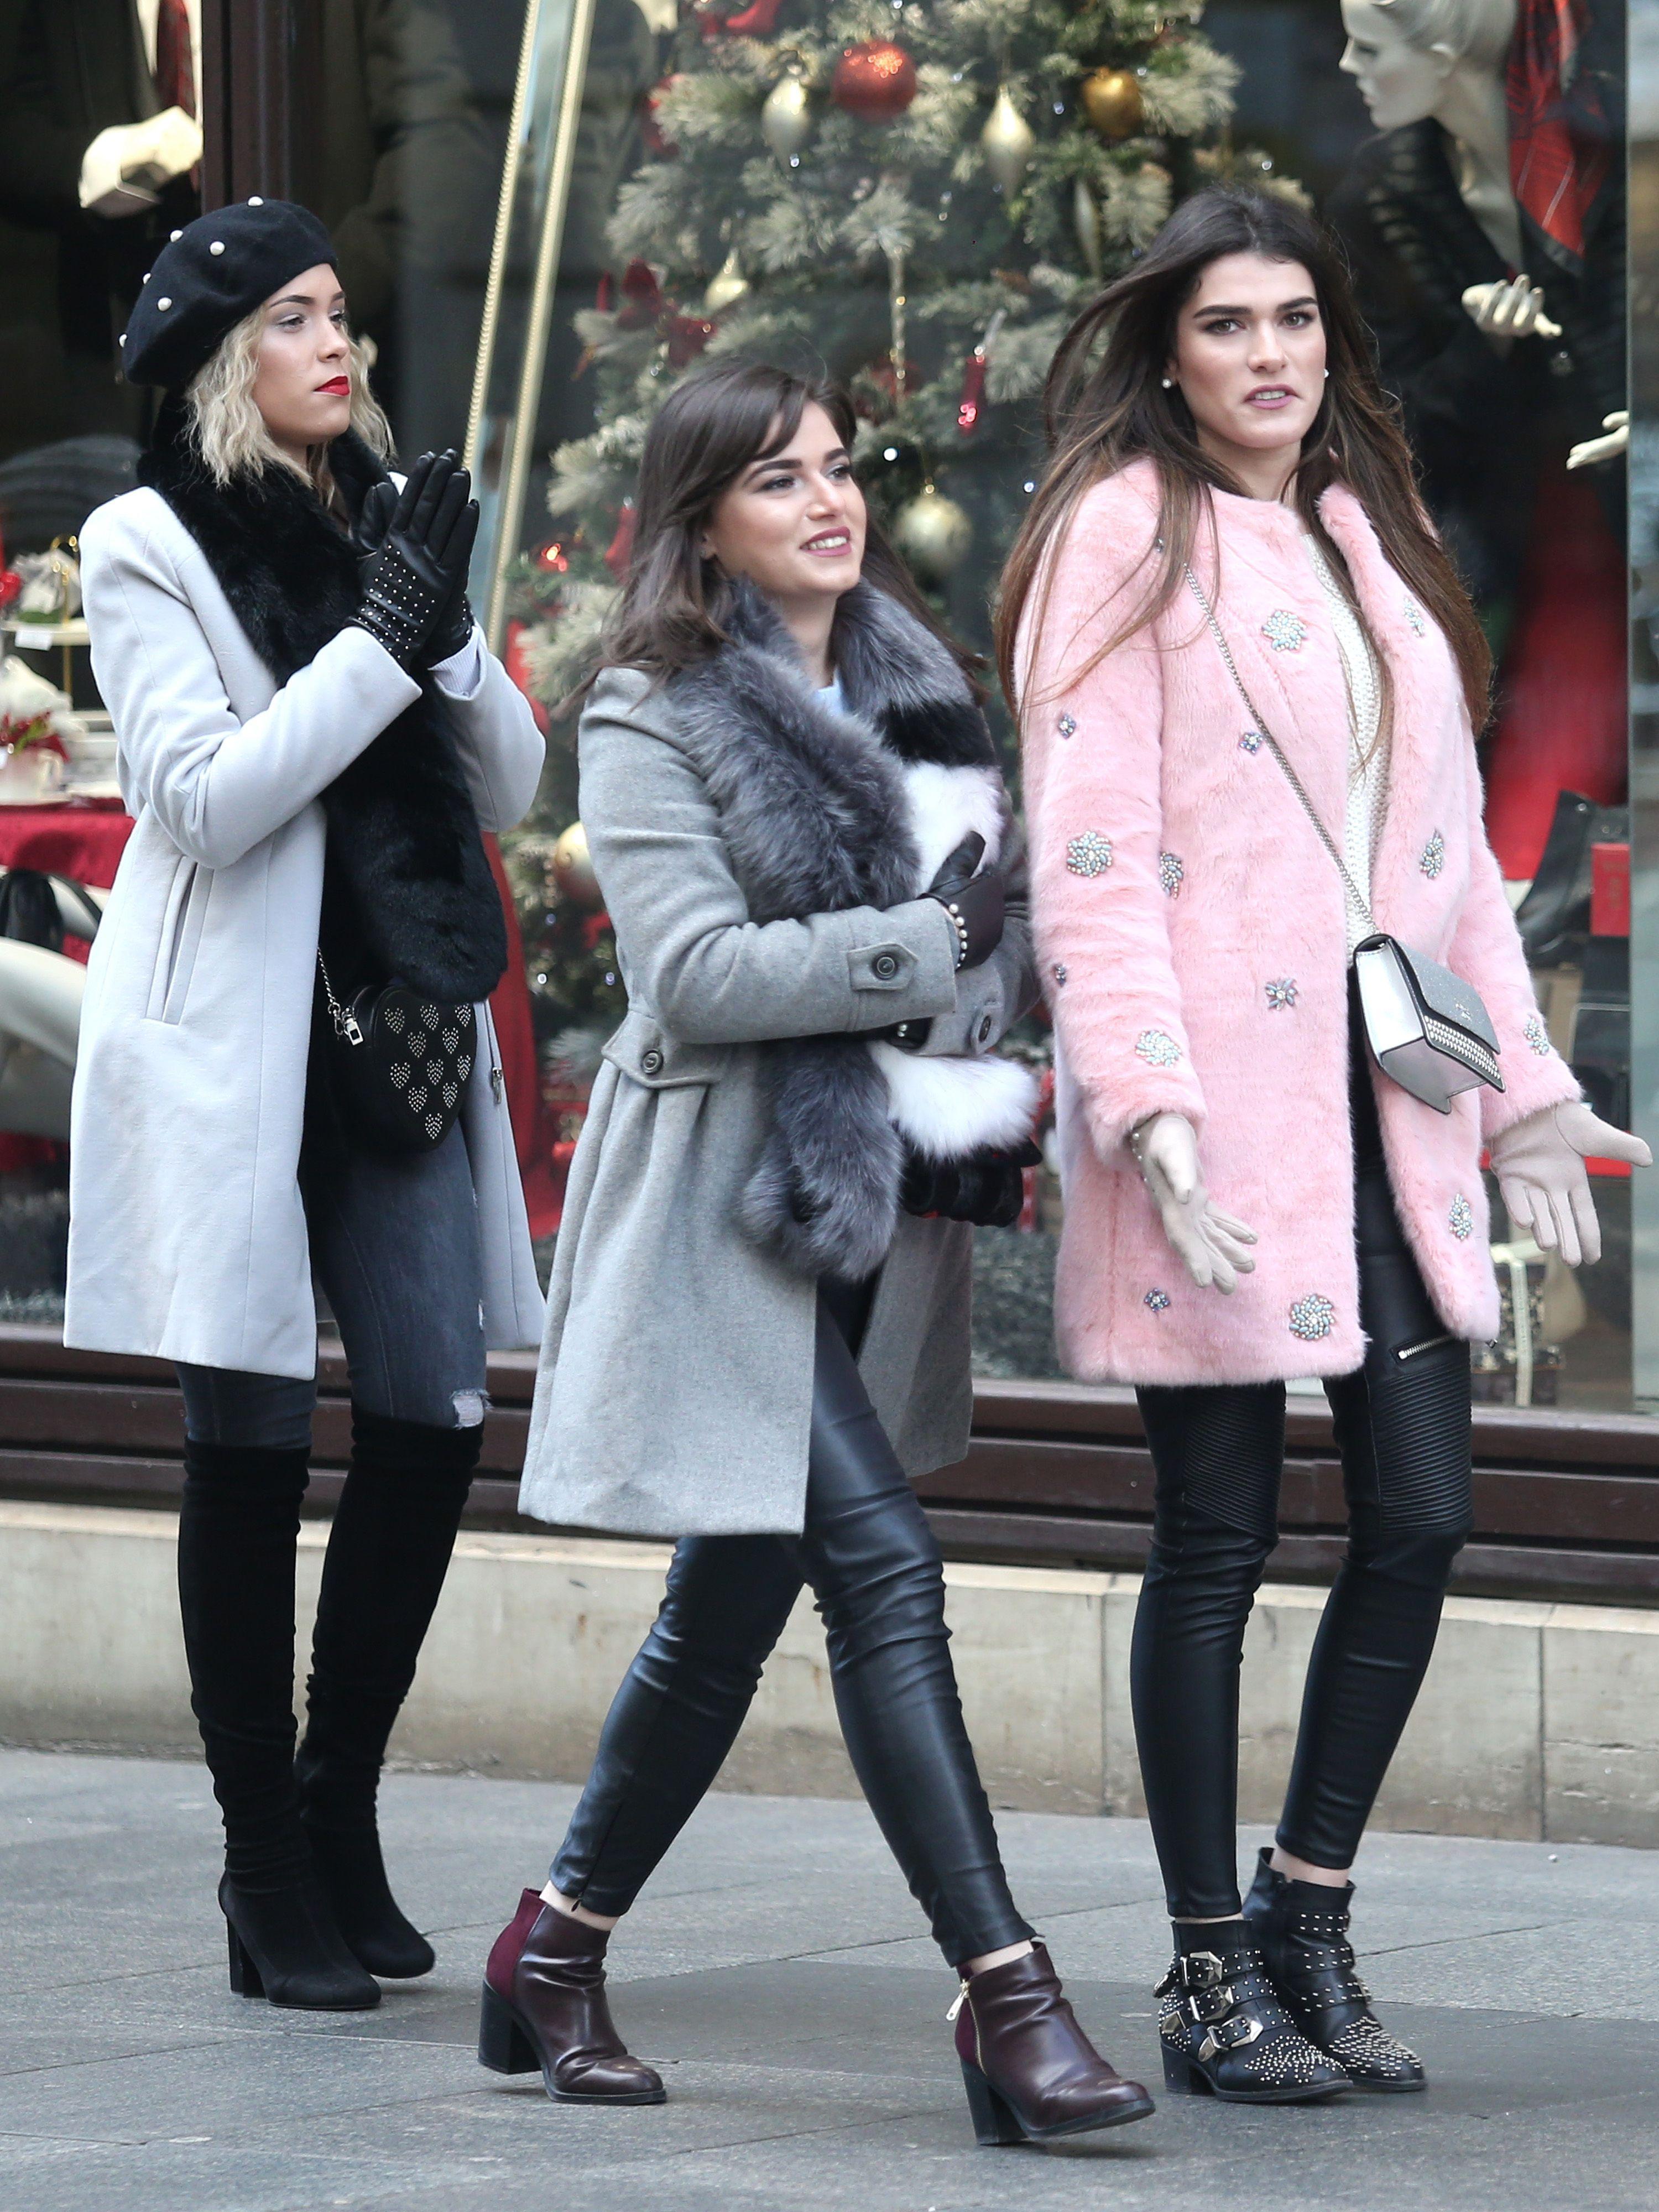 Ako ne znate što nositi ove zime, neka vas inspiriraju ove tri zgodne i trendi prijateljice!